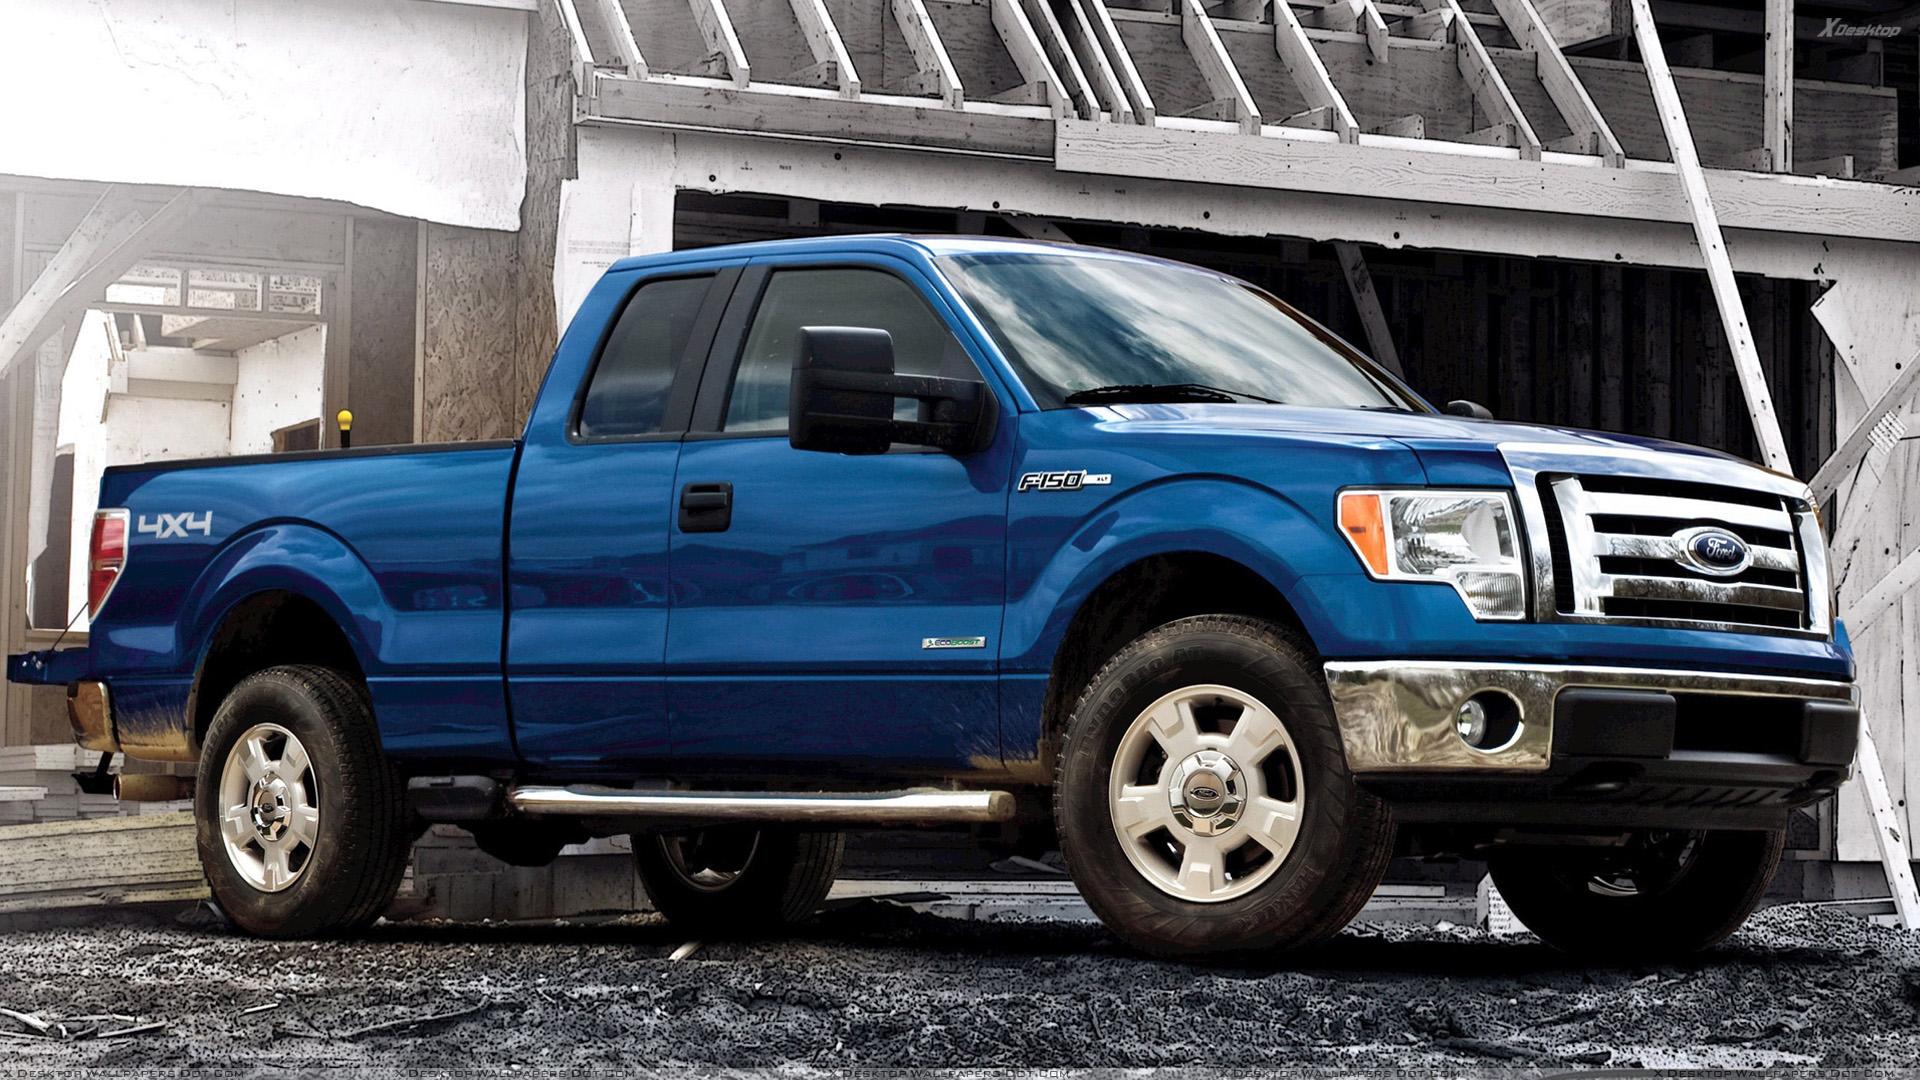 Ford F-150 19 Hd Wallpaper